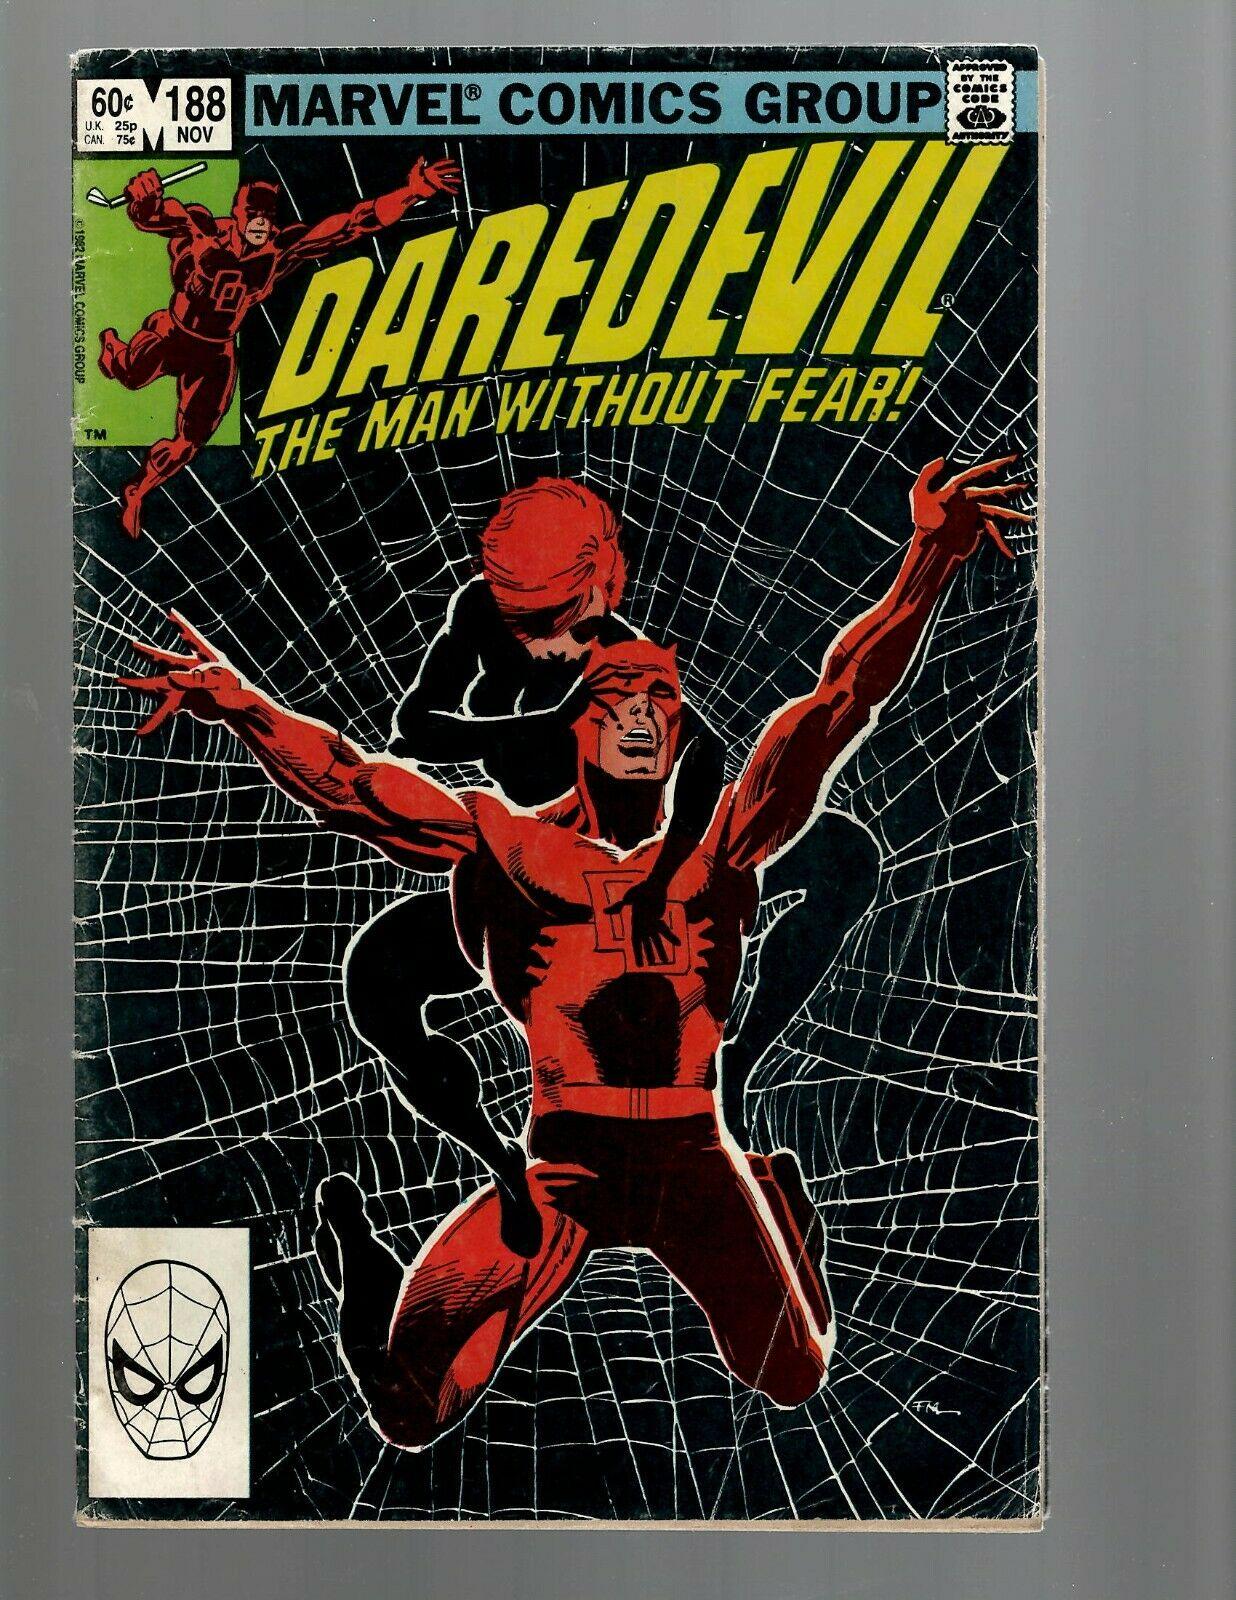 Daredevil 188 Fn Marvel Comic Book Frank Miller Bullseye Hell S Kitchen Tw1 Comic Books Modern Age Marvel X Men Superhero Hipcomic